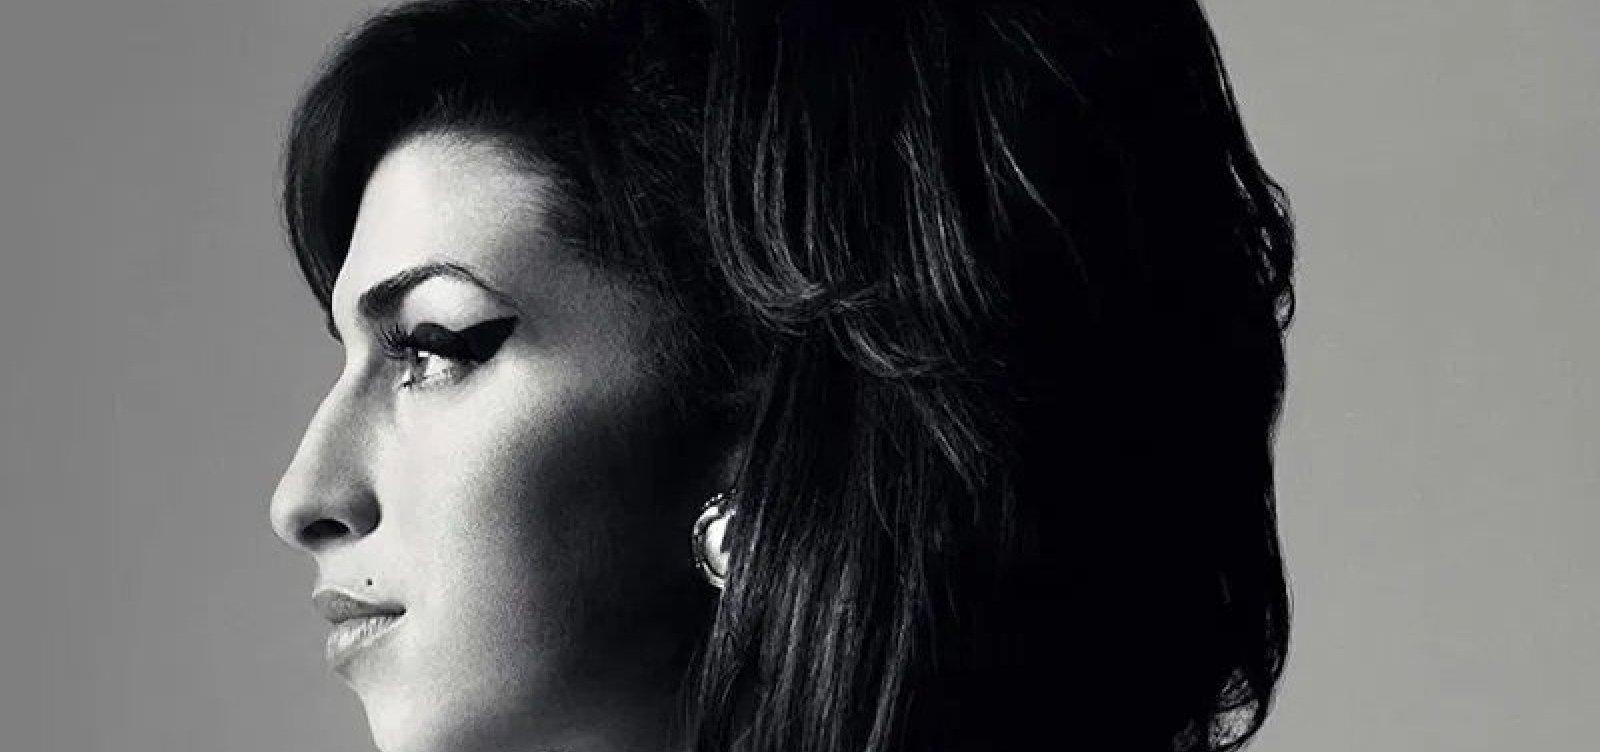 Ícone da voz e da rebeldia, Amy Winehouse morria há 10 anos deixando um legado de transformação